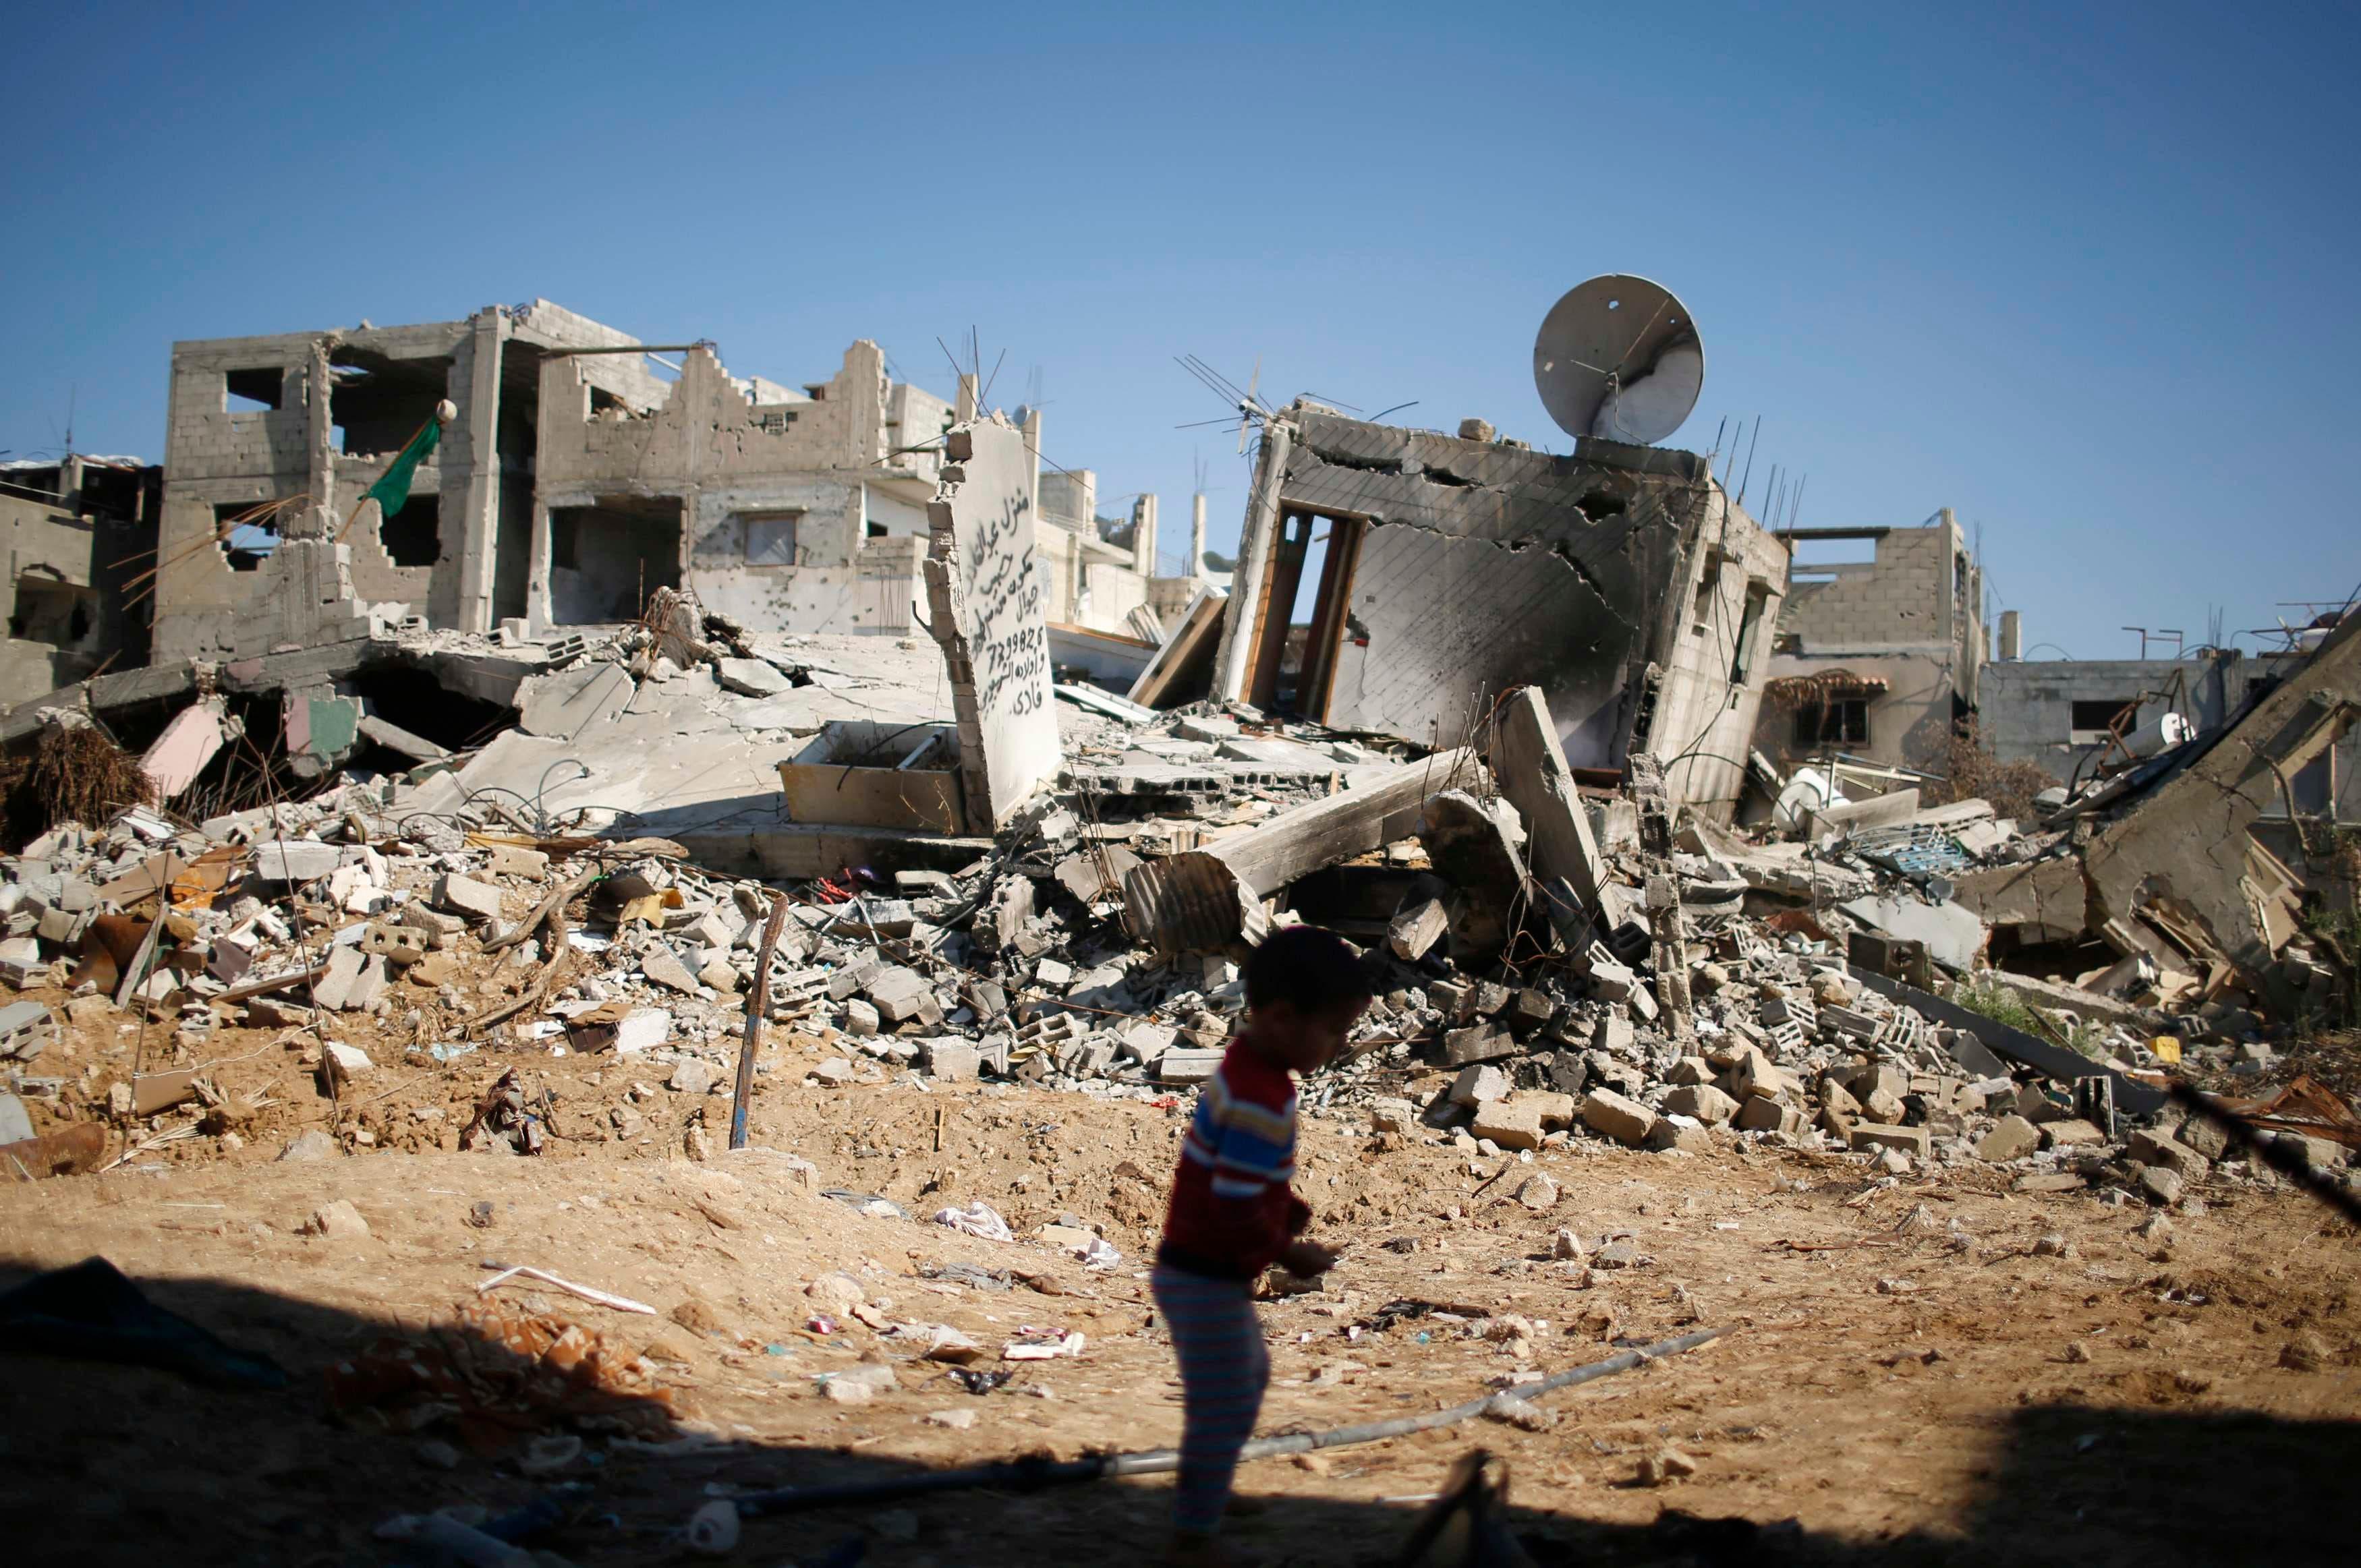 دمار حرب غزة